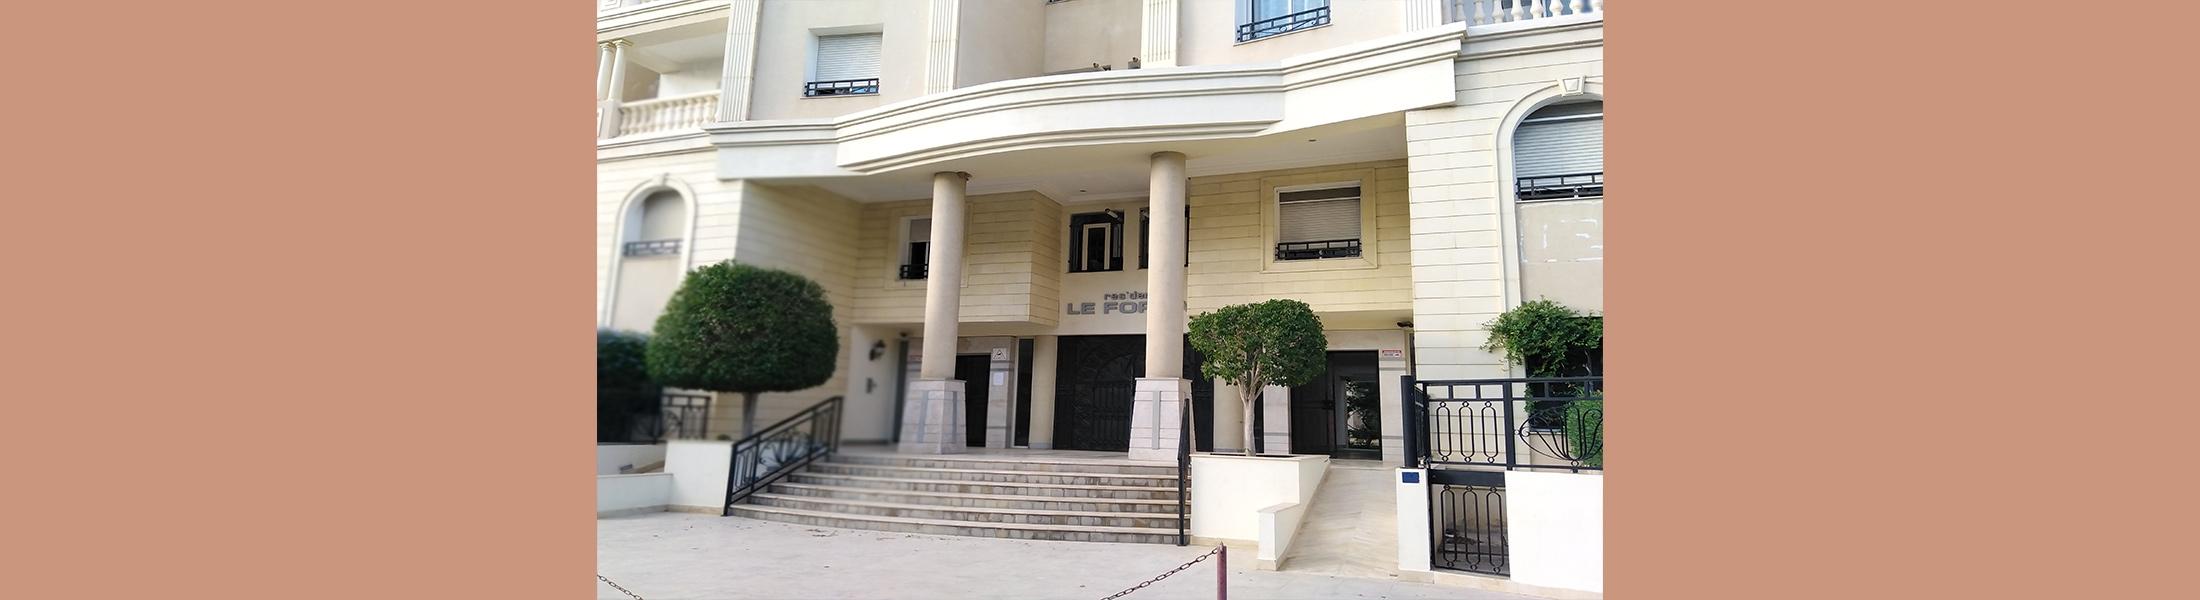 الشقة التعمير 157 - المرسى (طلب العروض عدد 08 لسنة 2021)